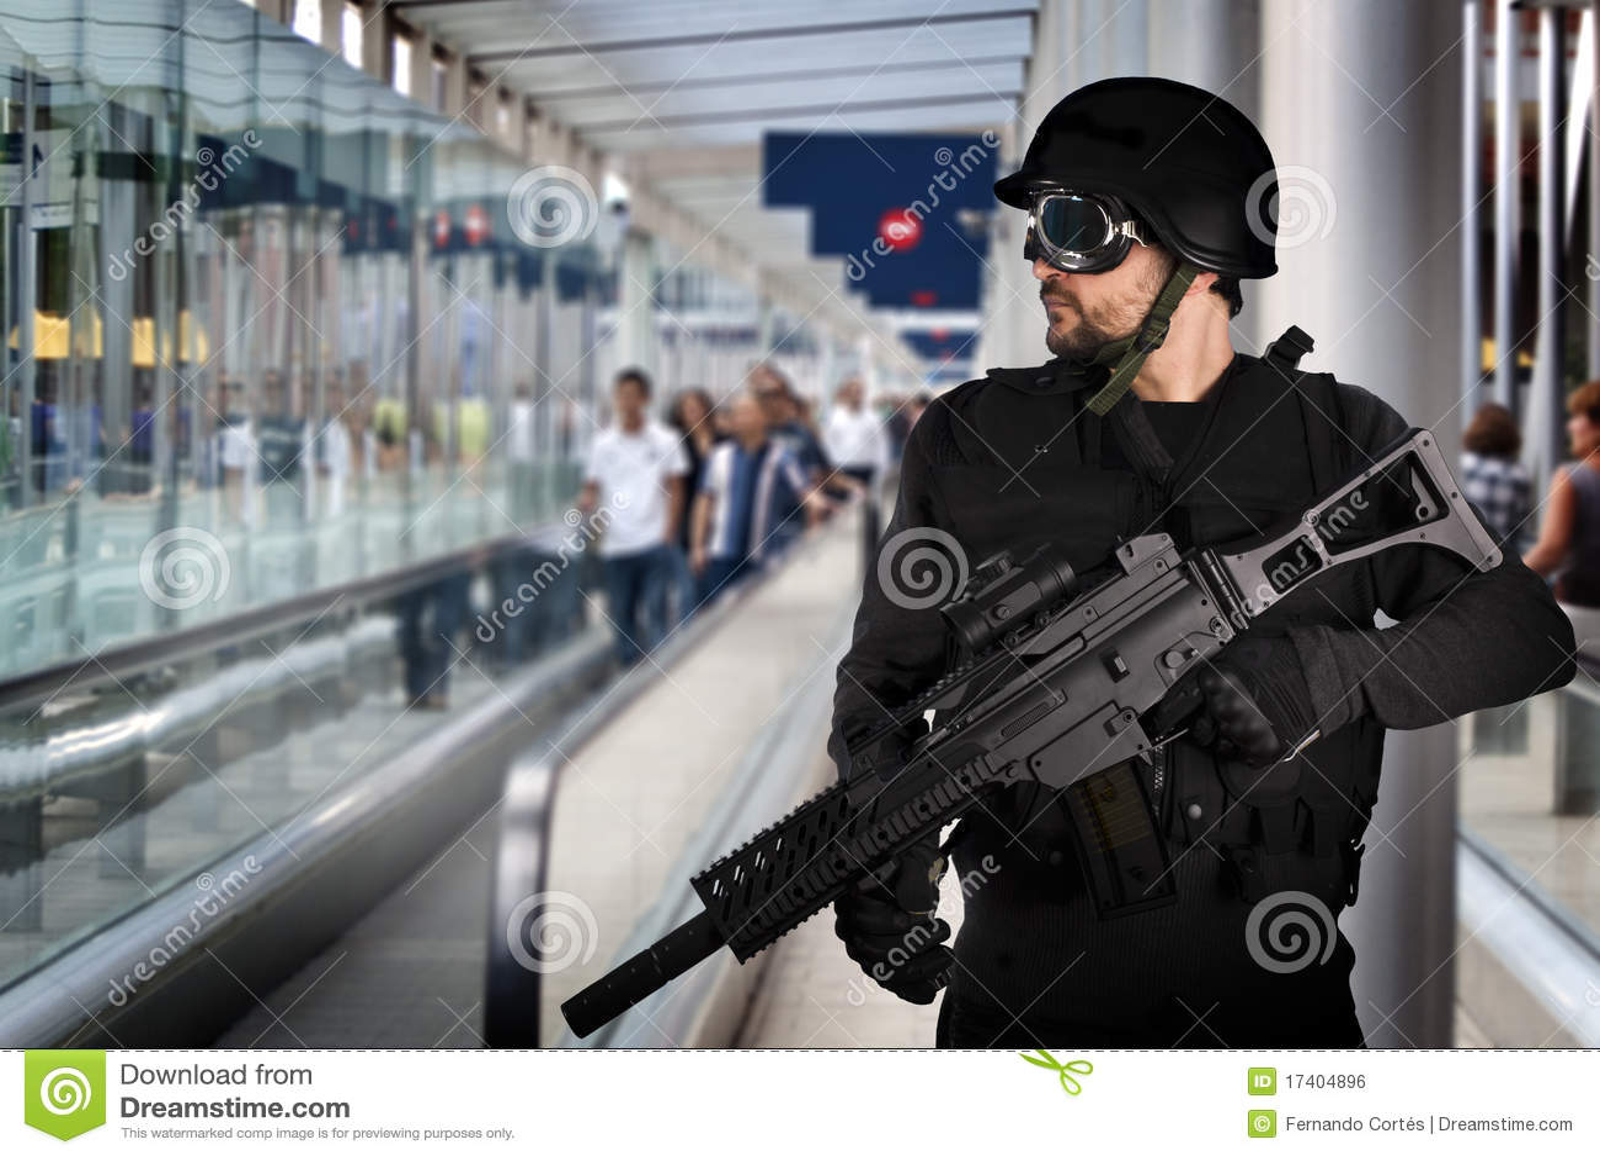 Flygplats beväpnad polissäkerhet